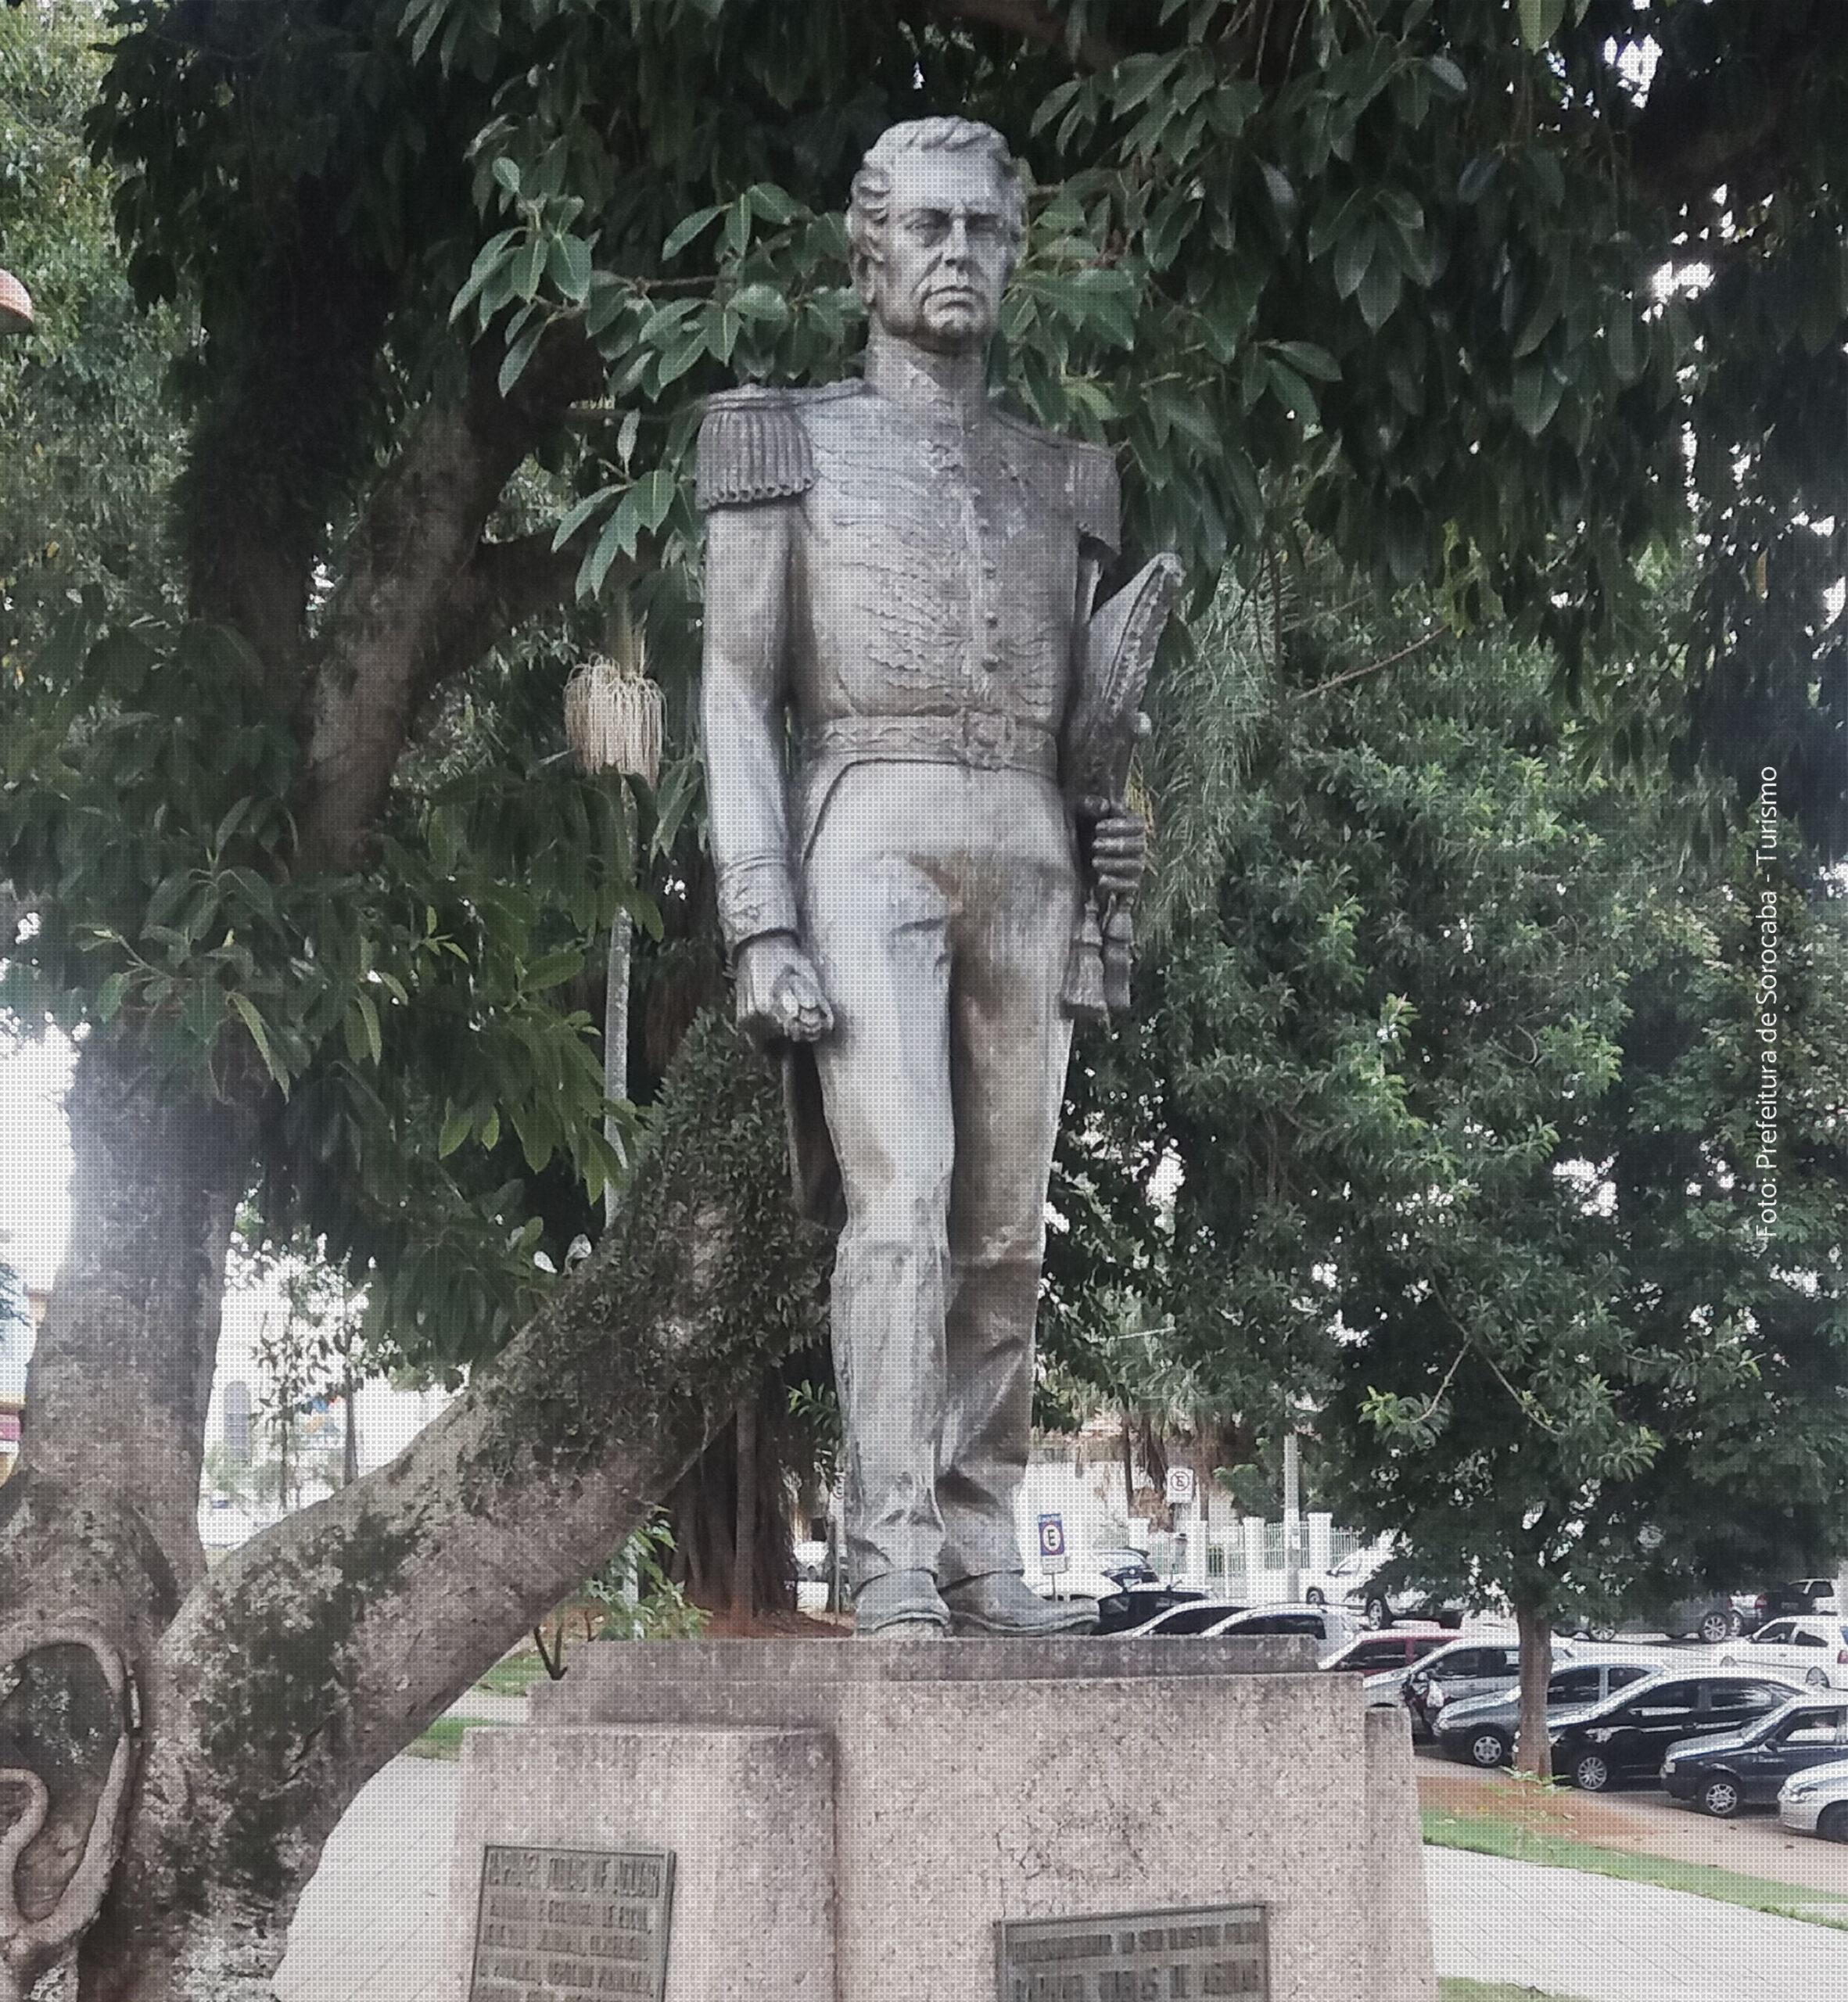 Rafael Tobias